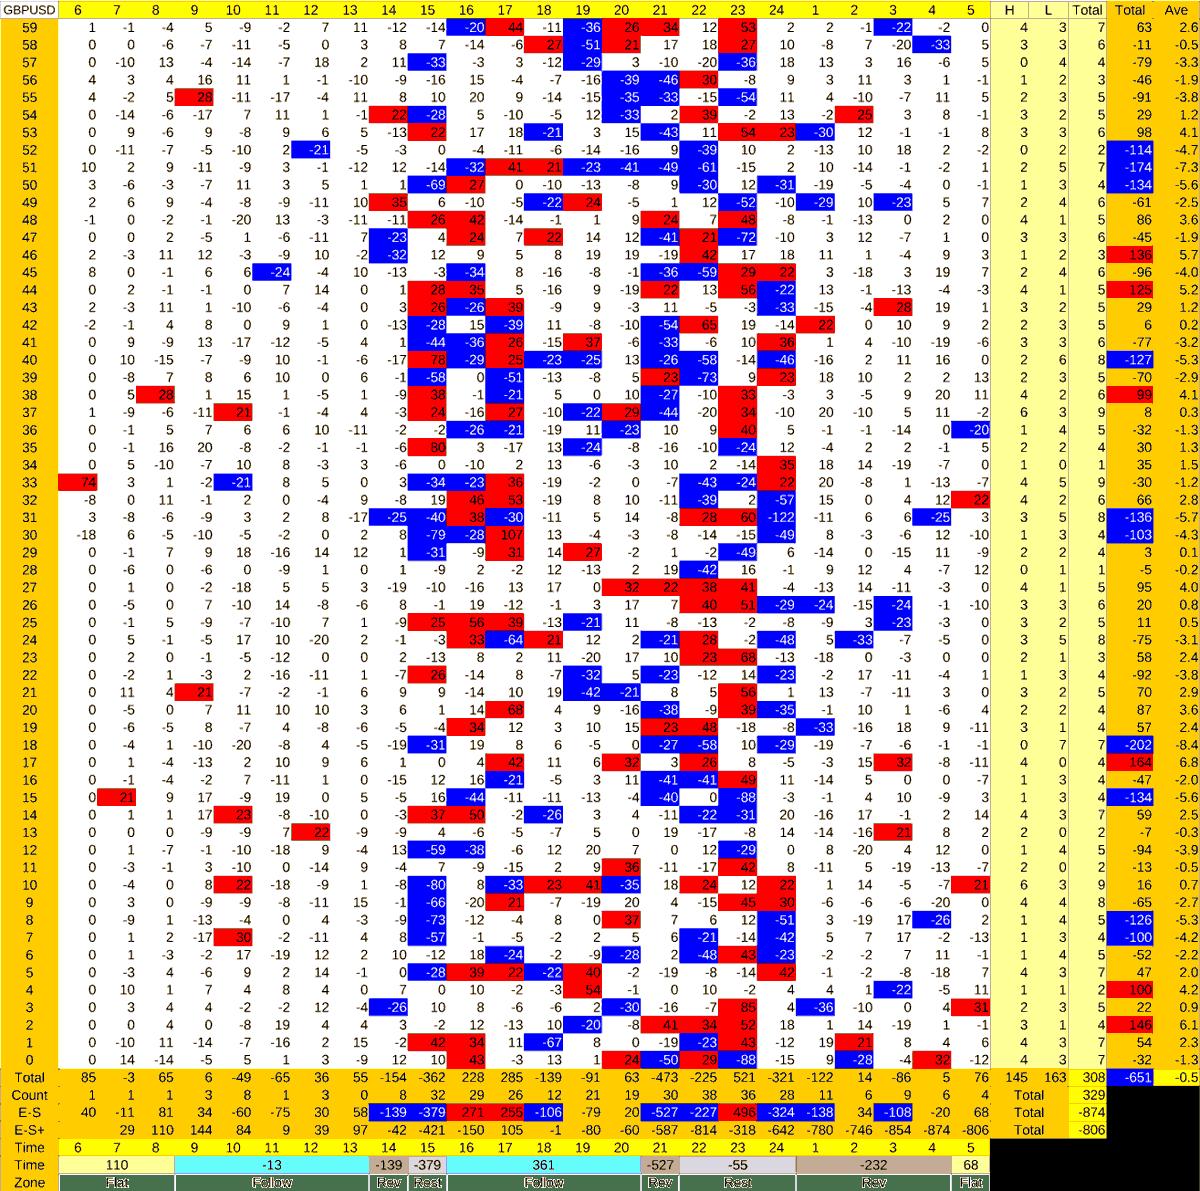 20210407_HS(2)GBPUSD